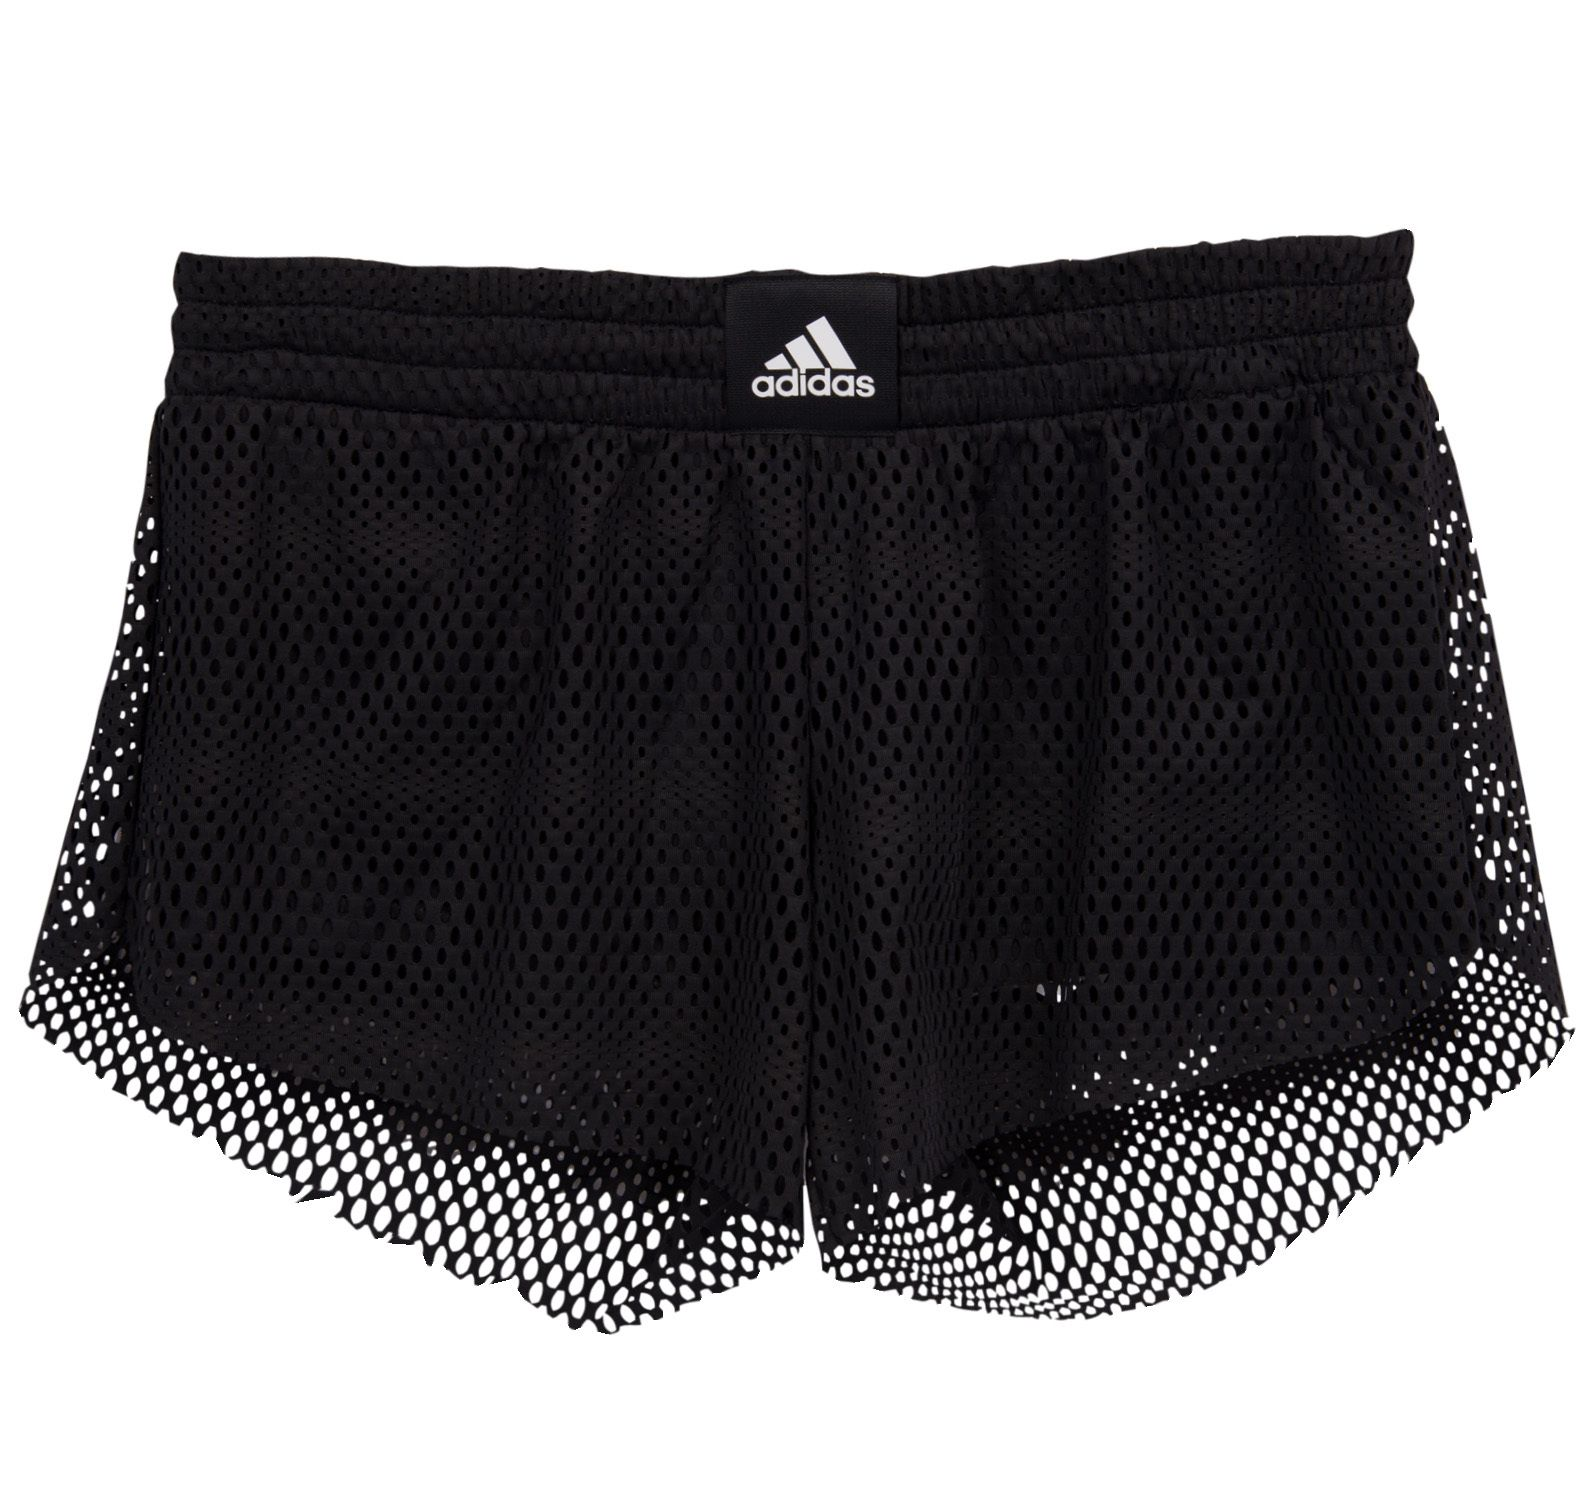 2in1 Mesh Short, Black, Xxs,  Adidas